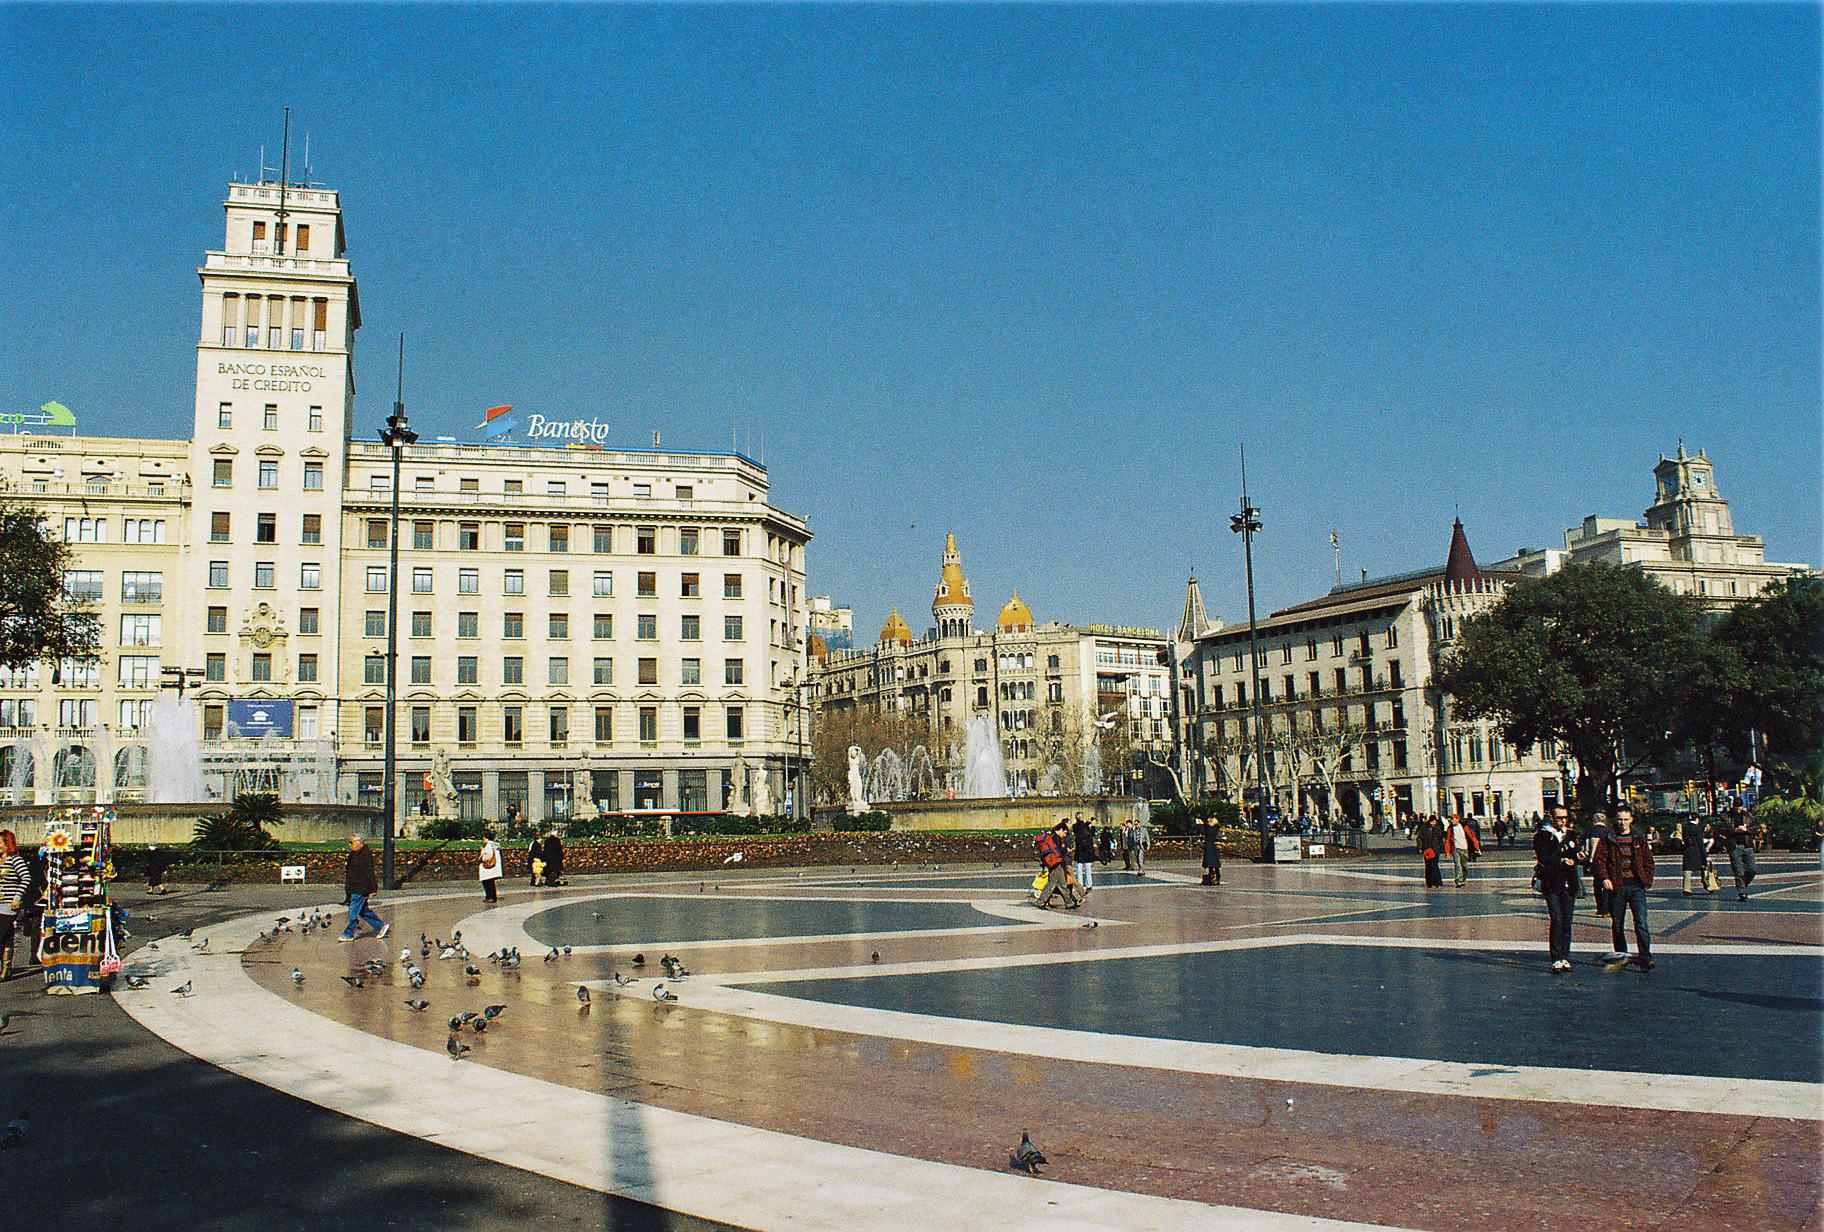 Ofertas en viajes baratos vuelos hoteles y vacaciones for Hoteles muy baratos en barcelona